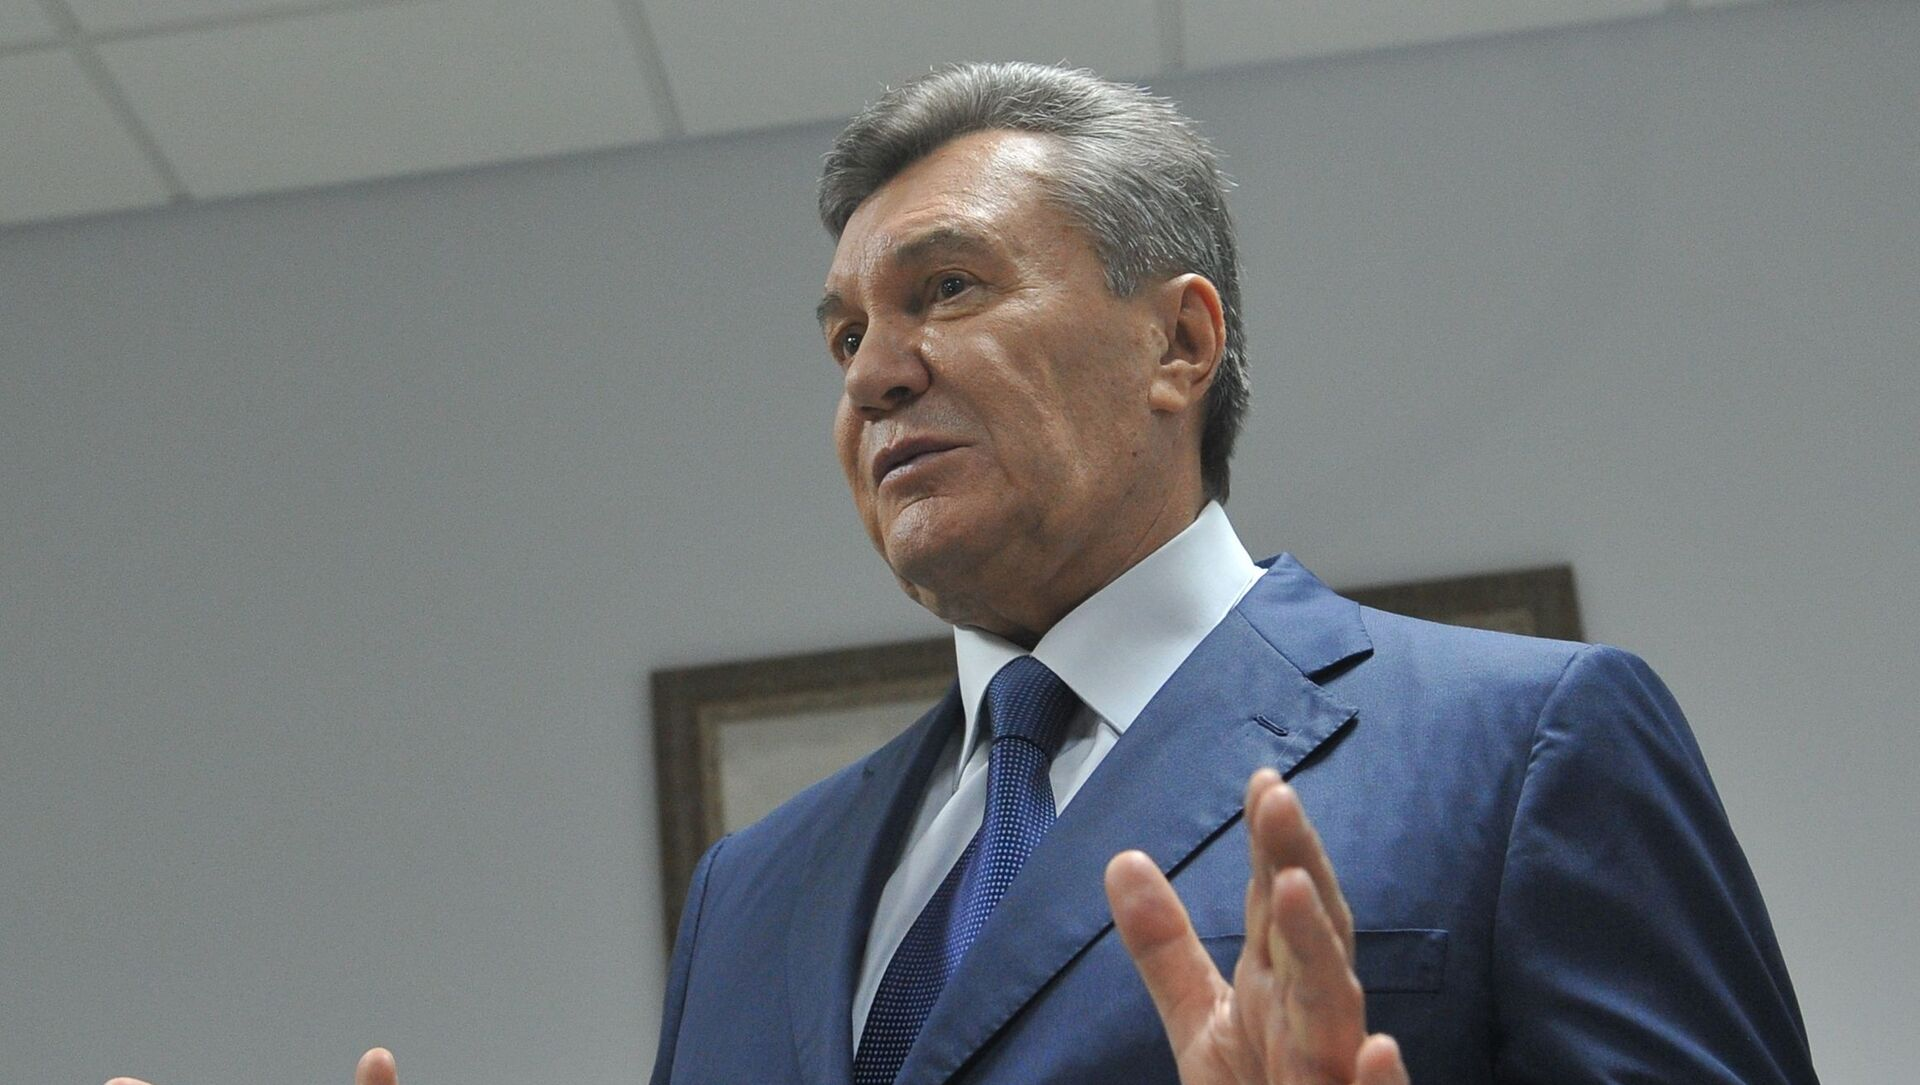 Бывший президент Украины Виктор Янукович, прибывший в Ростовский областной суд  - Sputnik Азербайджан, 1920, 17.08.2021